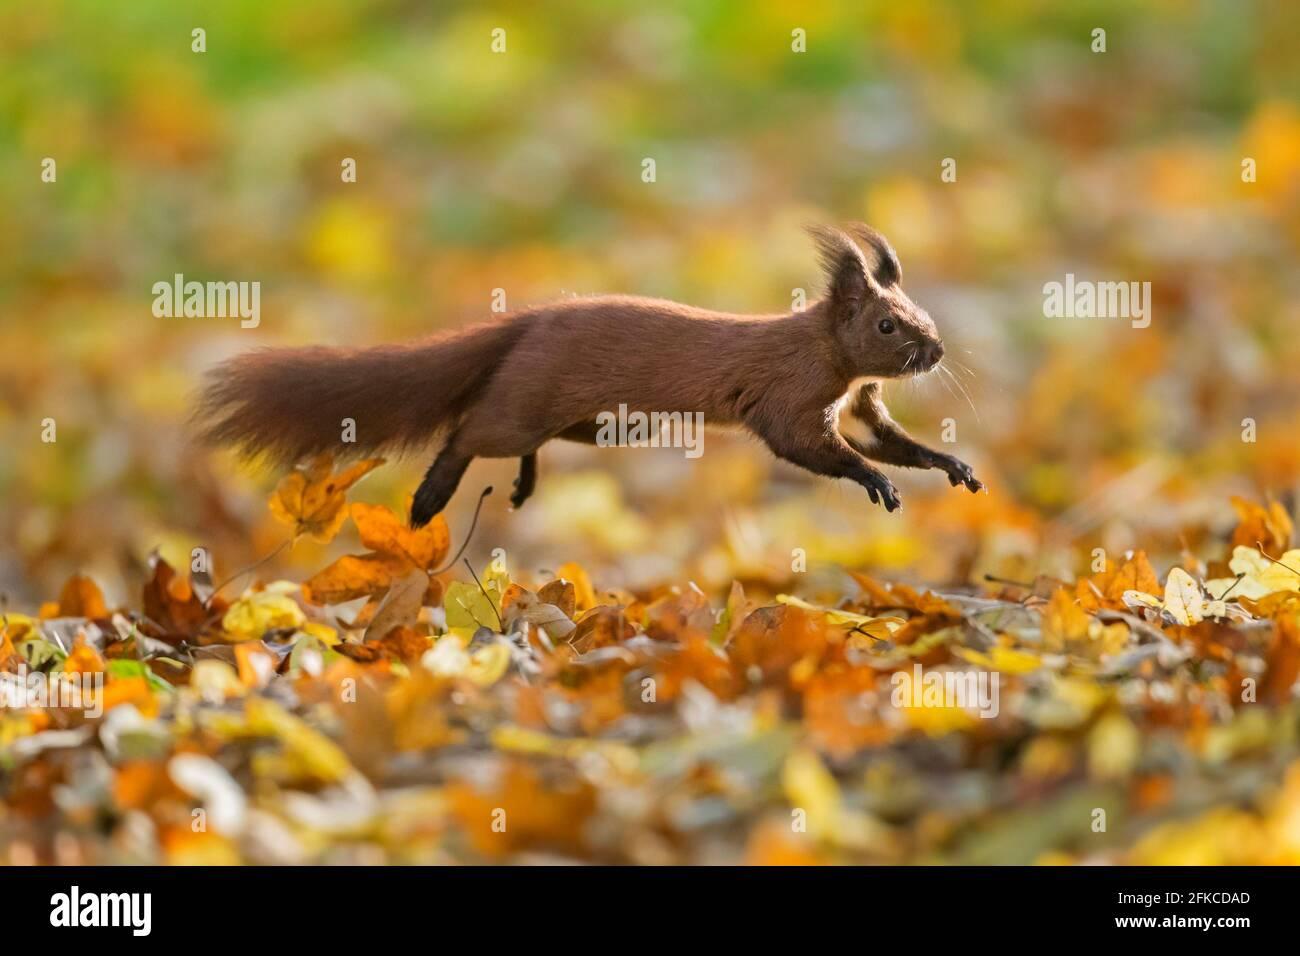 Écureuil rouge eurasien mignon (Sciurus vulgaris) en automne, le sol de la forêt est recouvert de litières de feuilles Banque D'Images